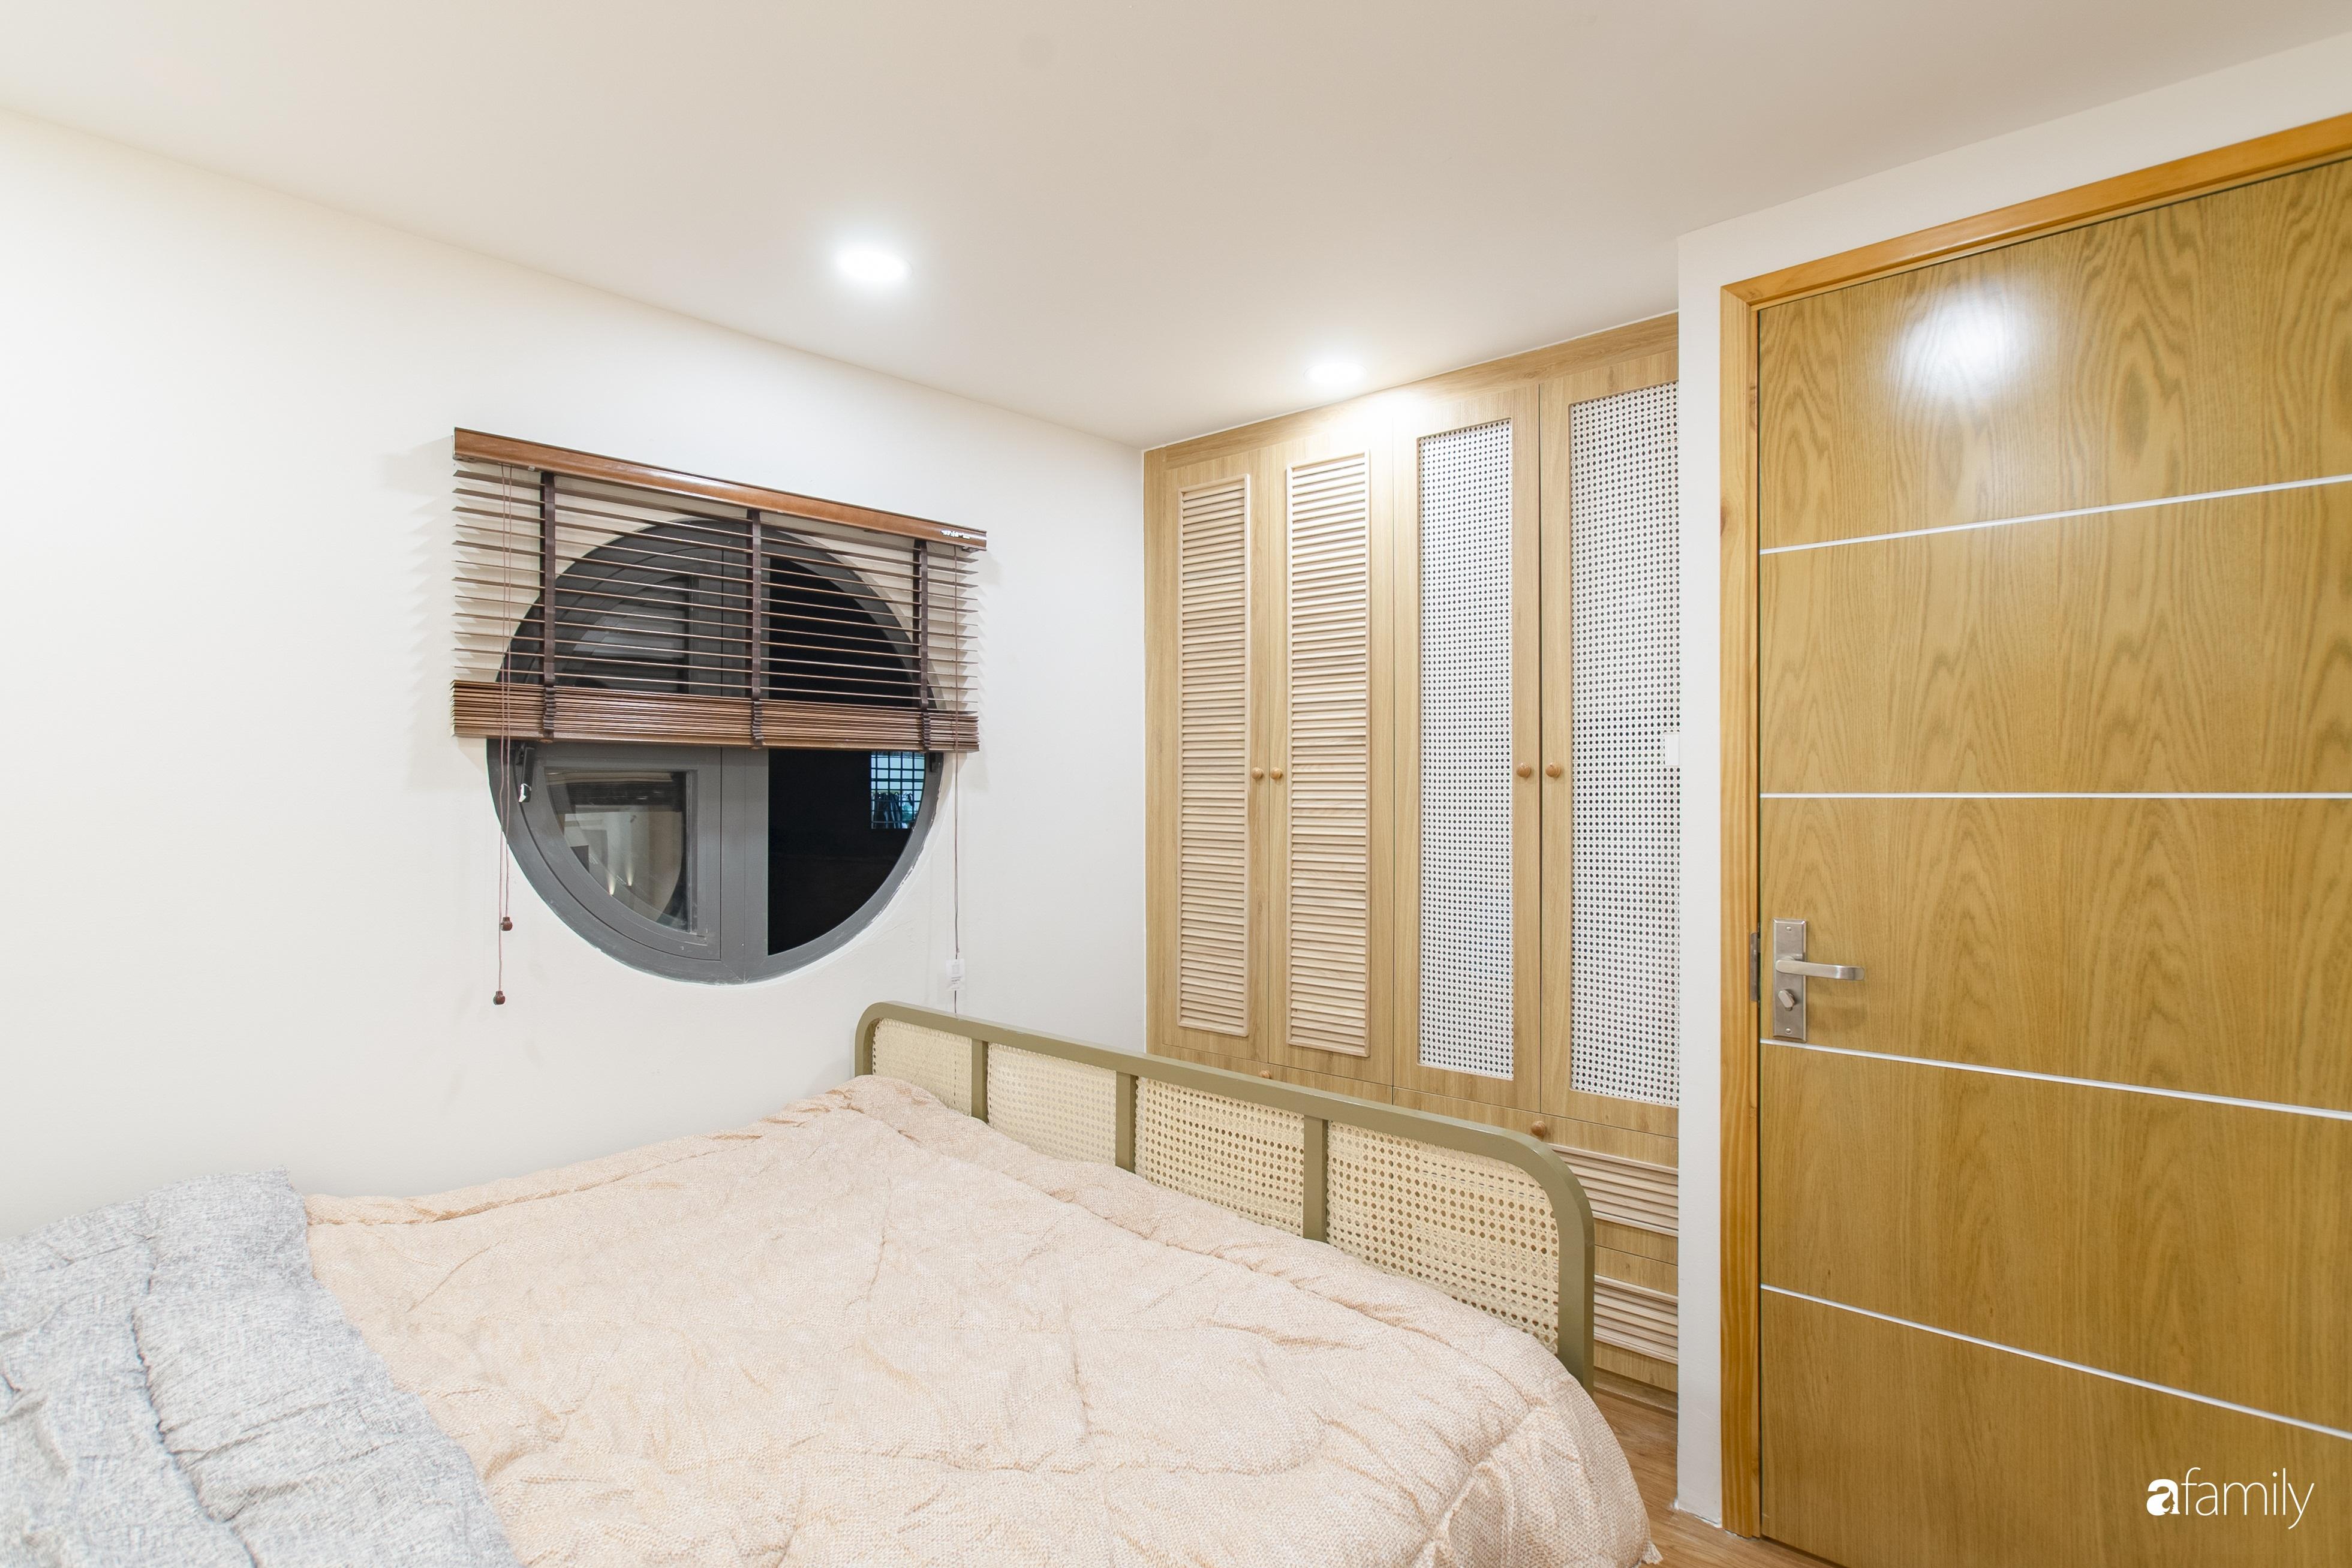 Con trai cải tạo nhà phố hư hỏng nặng thành không gian đậm phong cách Nhật cho bố mẹ an hưởng tuổi già - Ảnh 21.